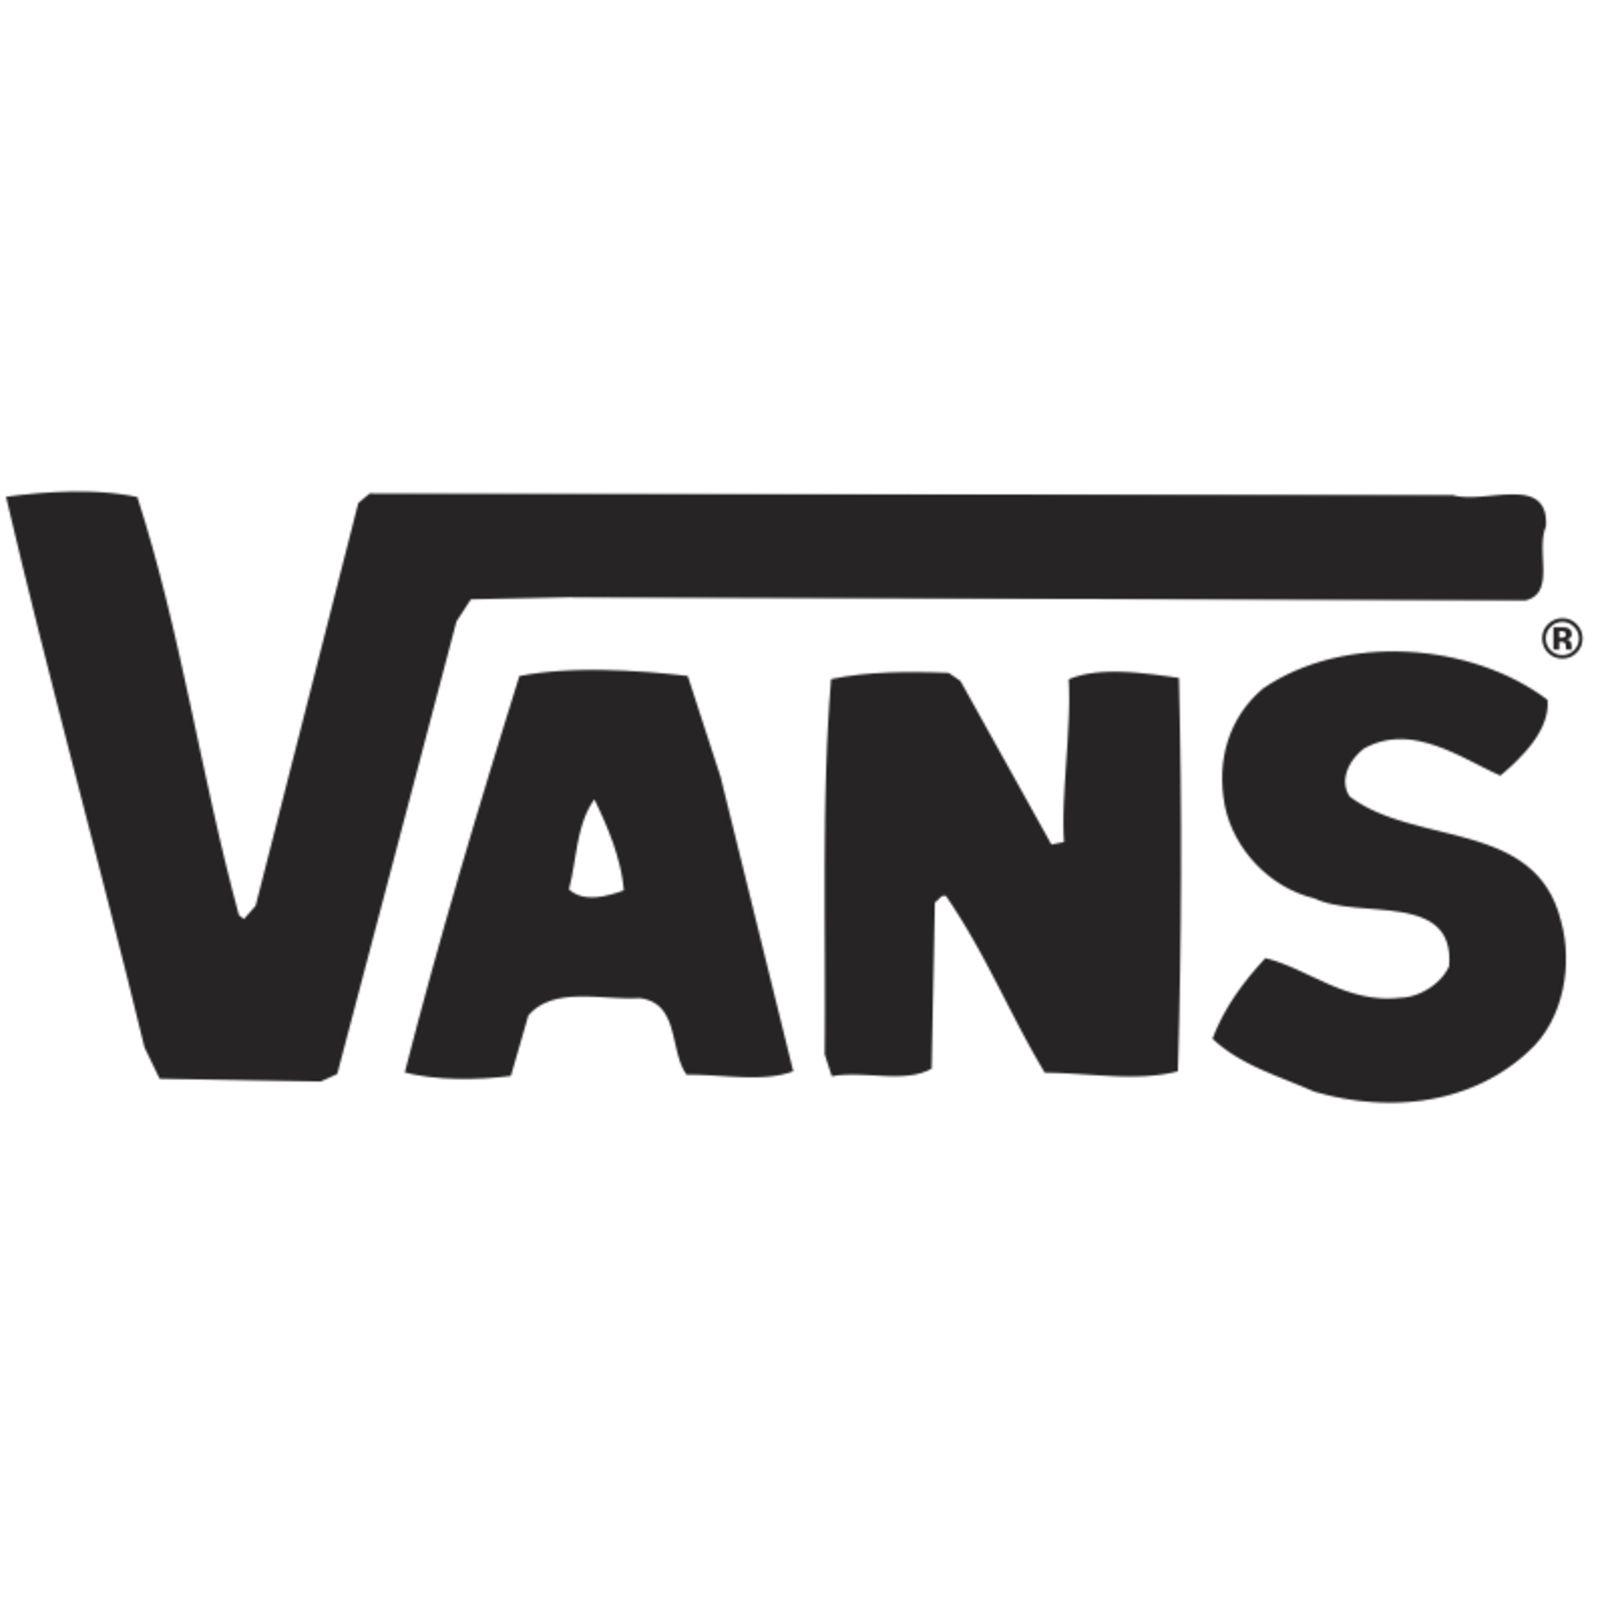 VANS (Image 1)